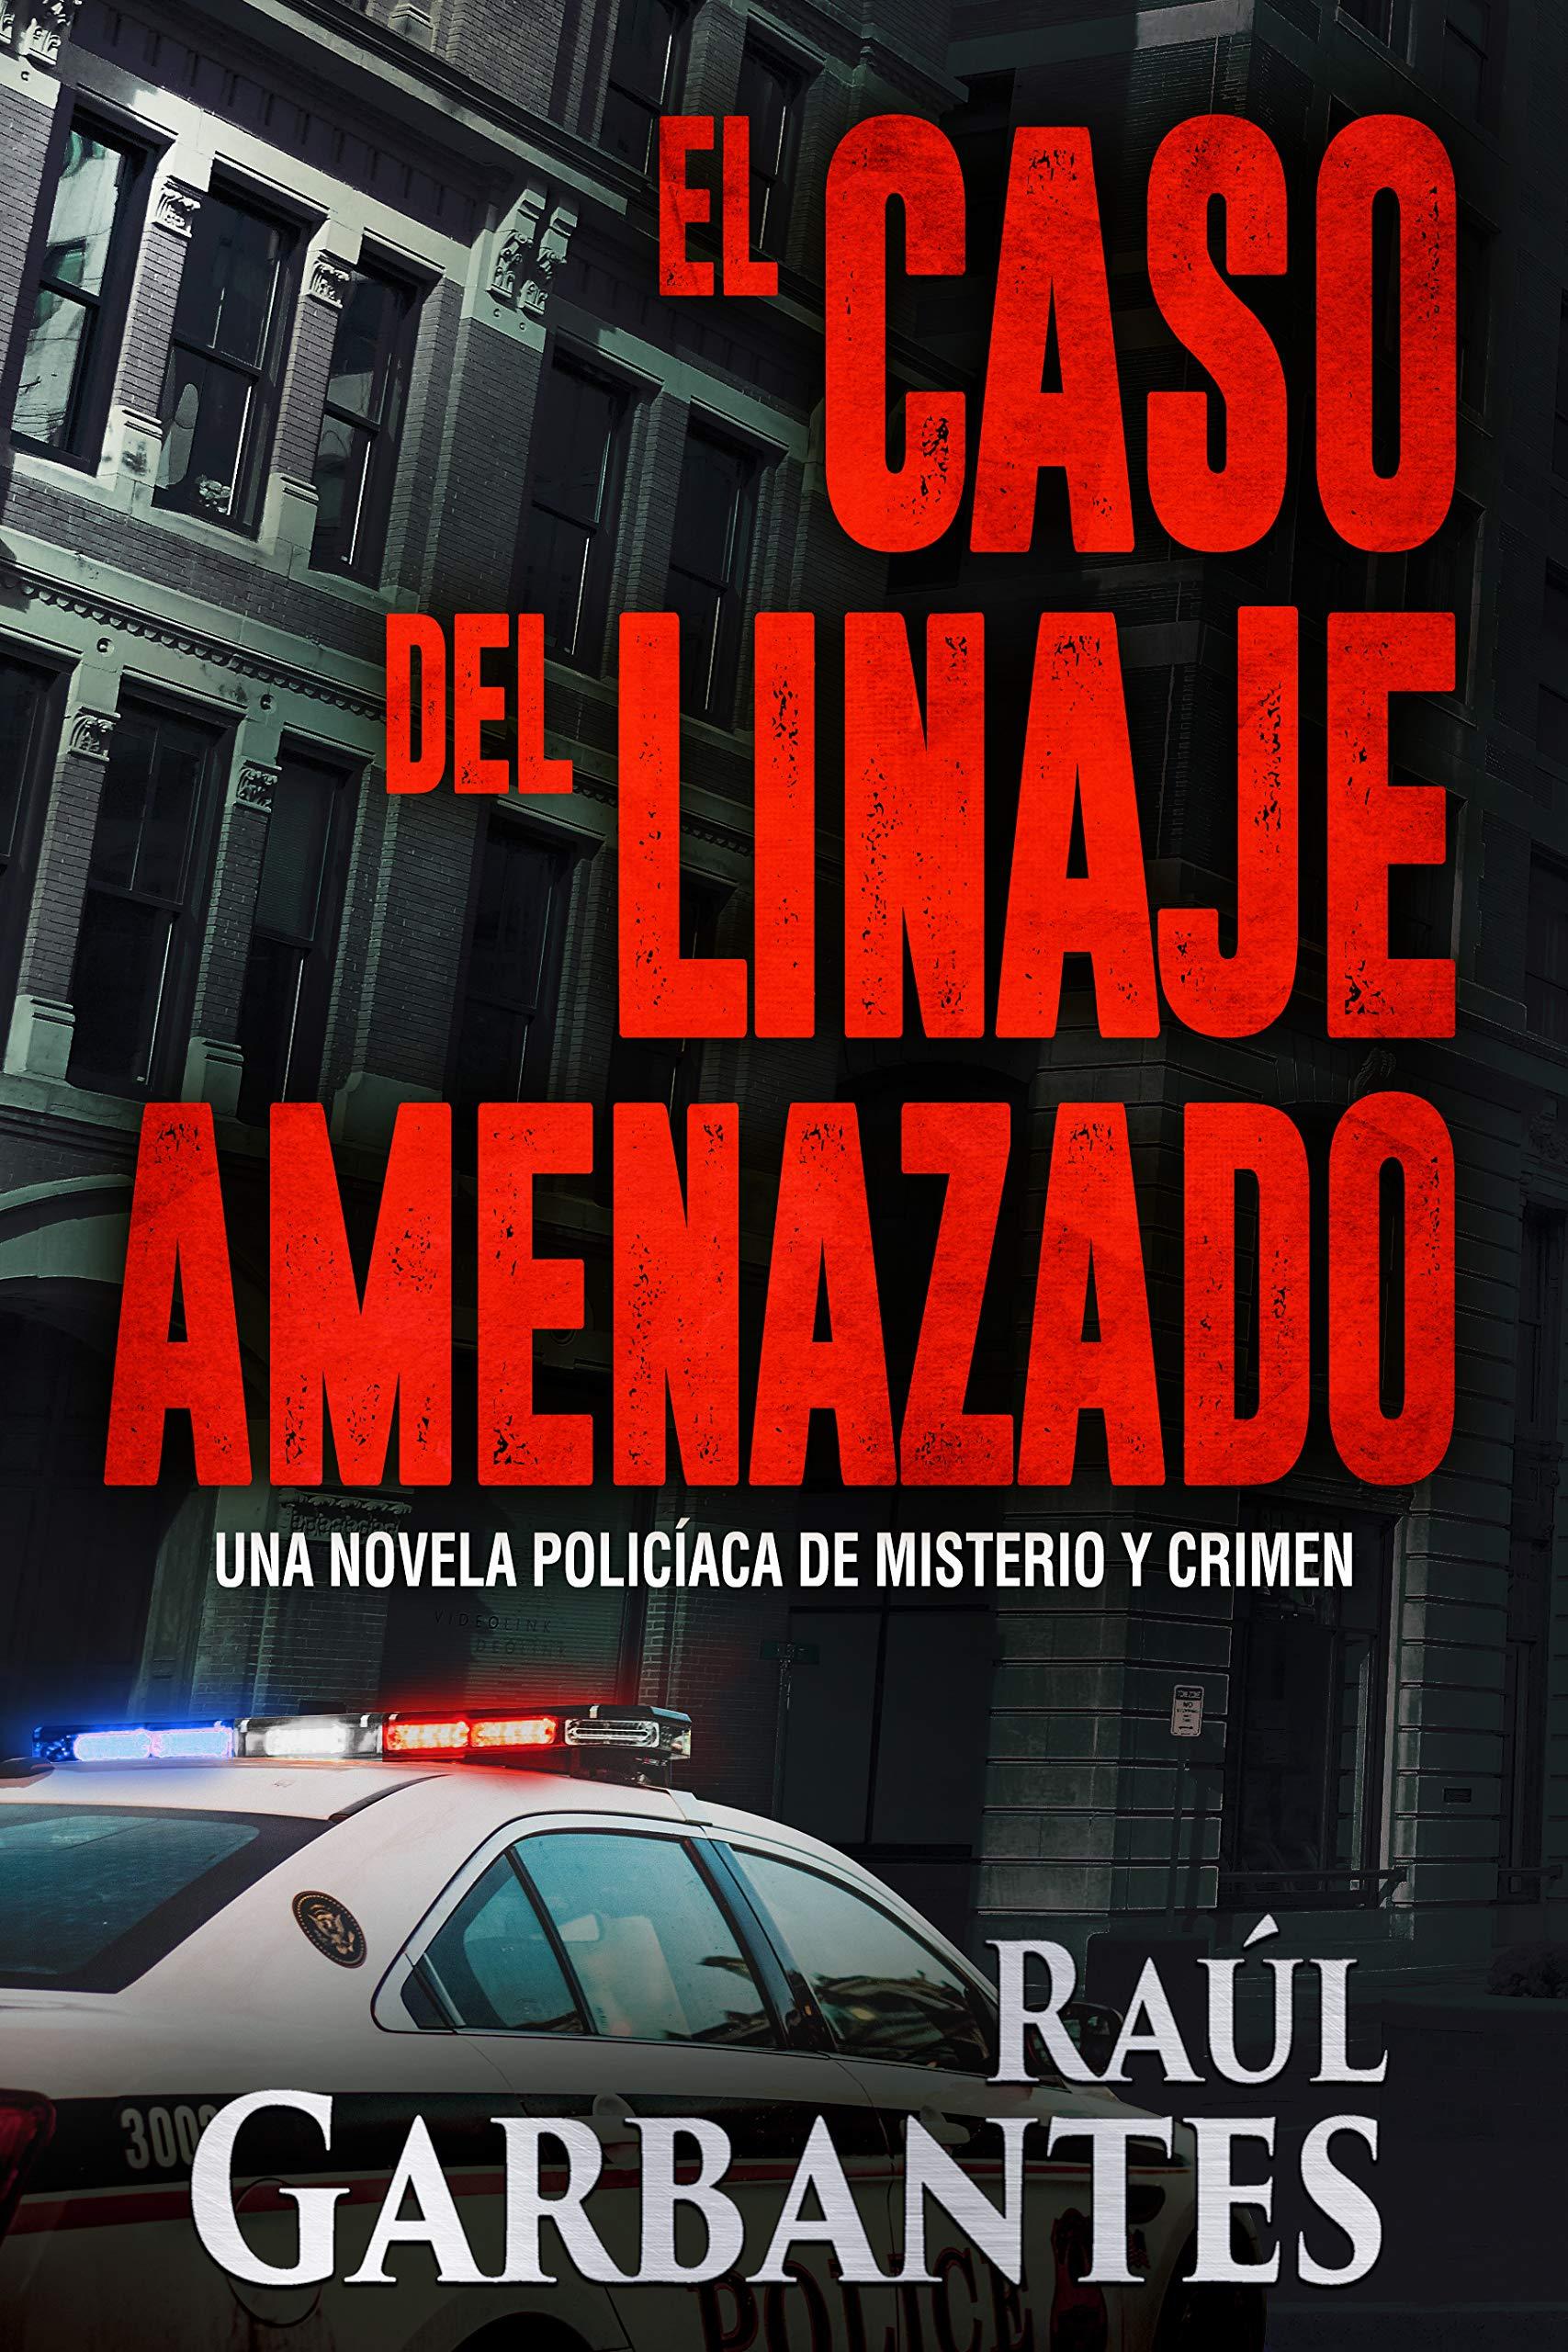 El caso del linaje amenazado: Una novela policíaca de misterio y crimen (La Brigada de Crímenes Graves nº 3) por Raúl Garbantes